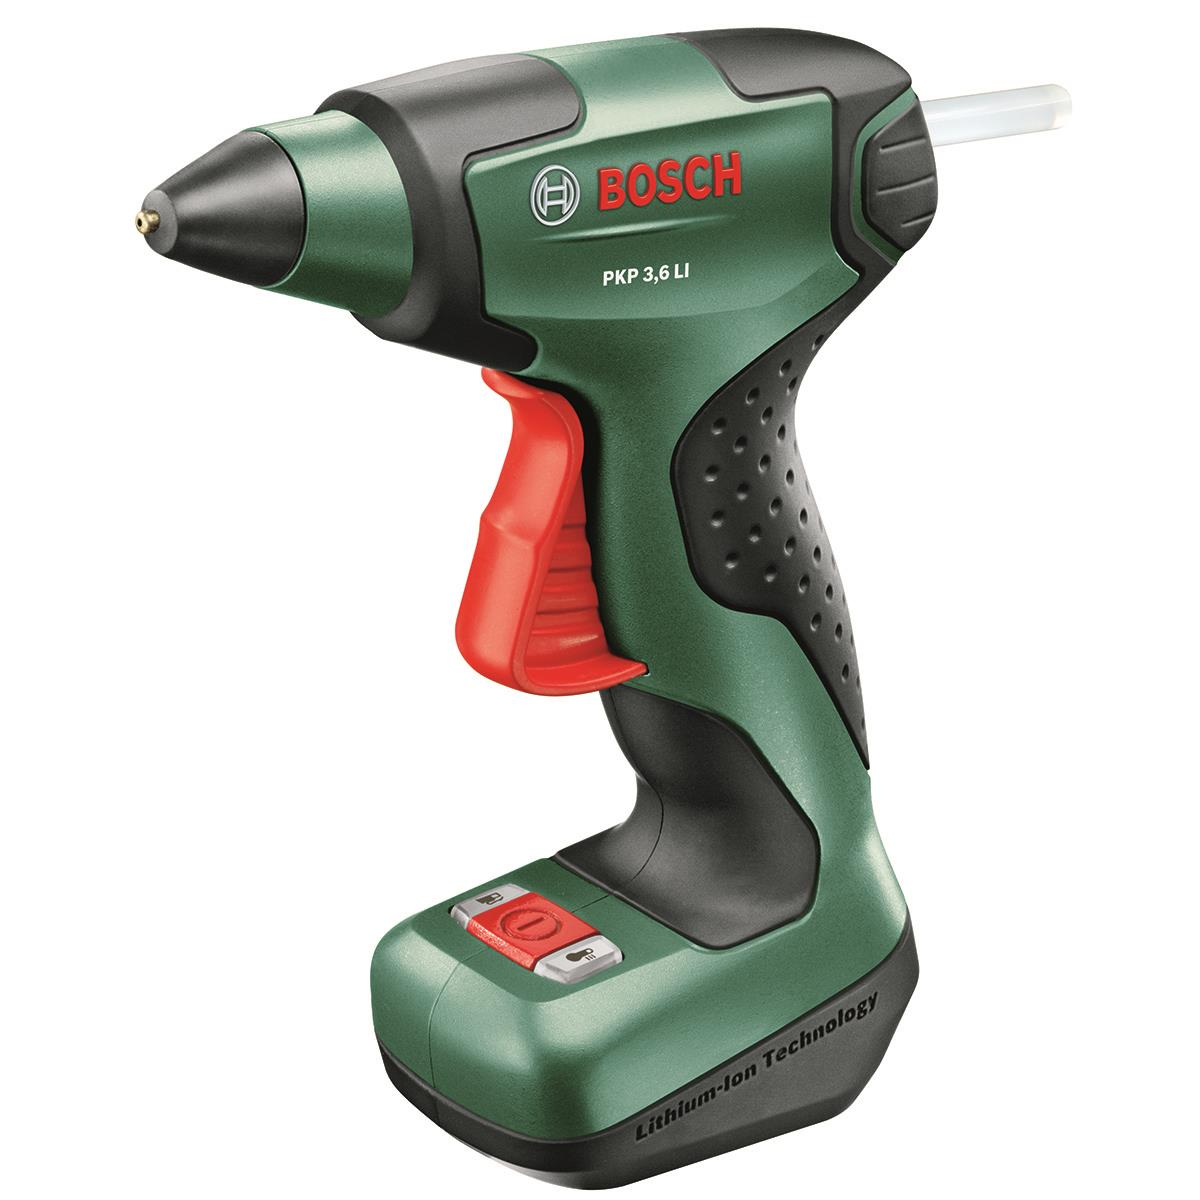 Bosch DIY PKP 36 LI Limpistol